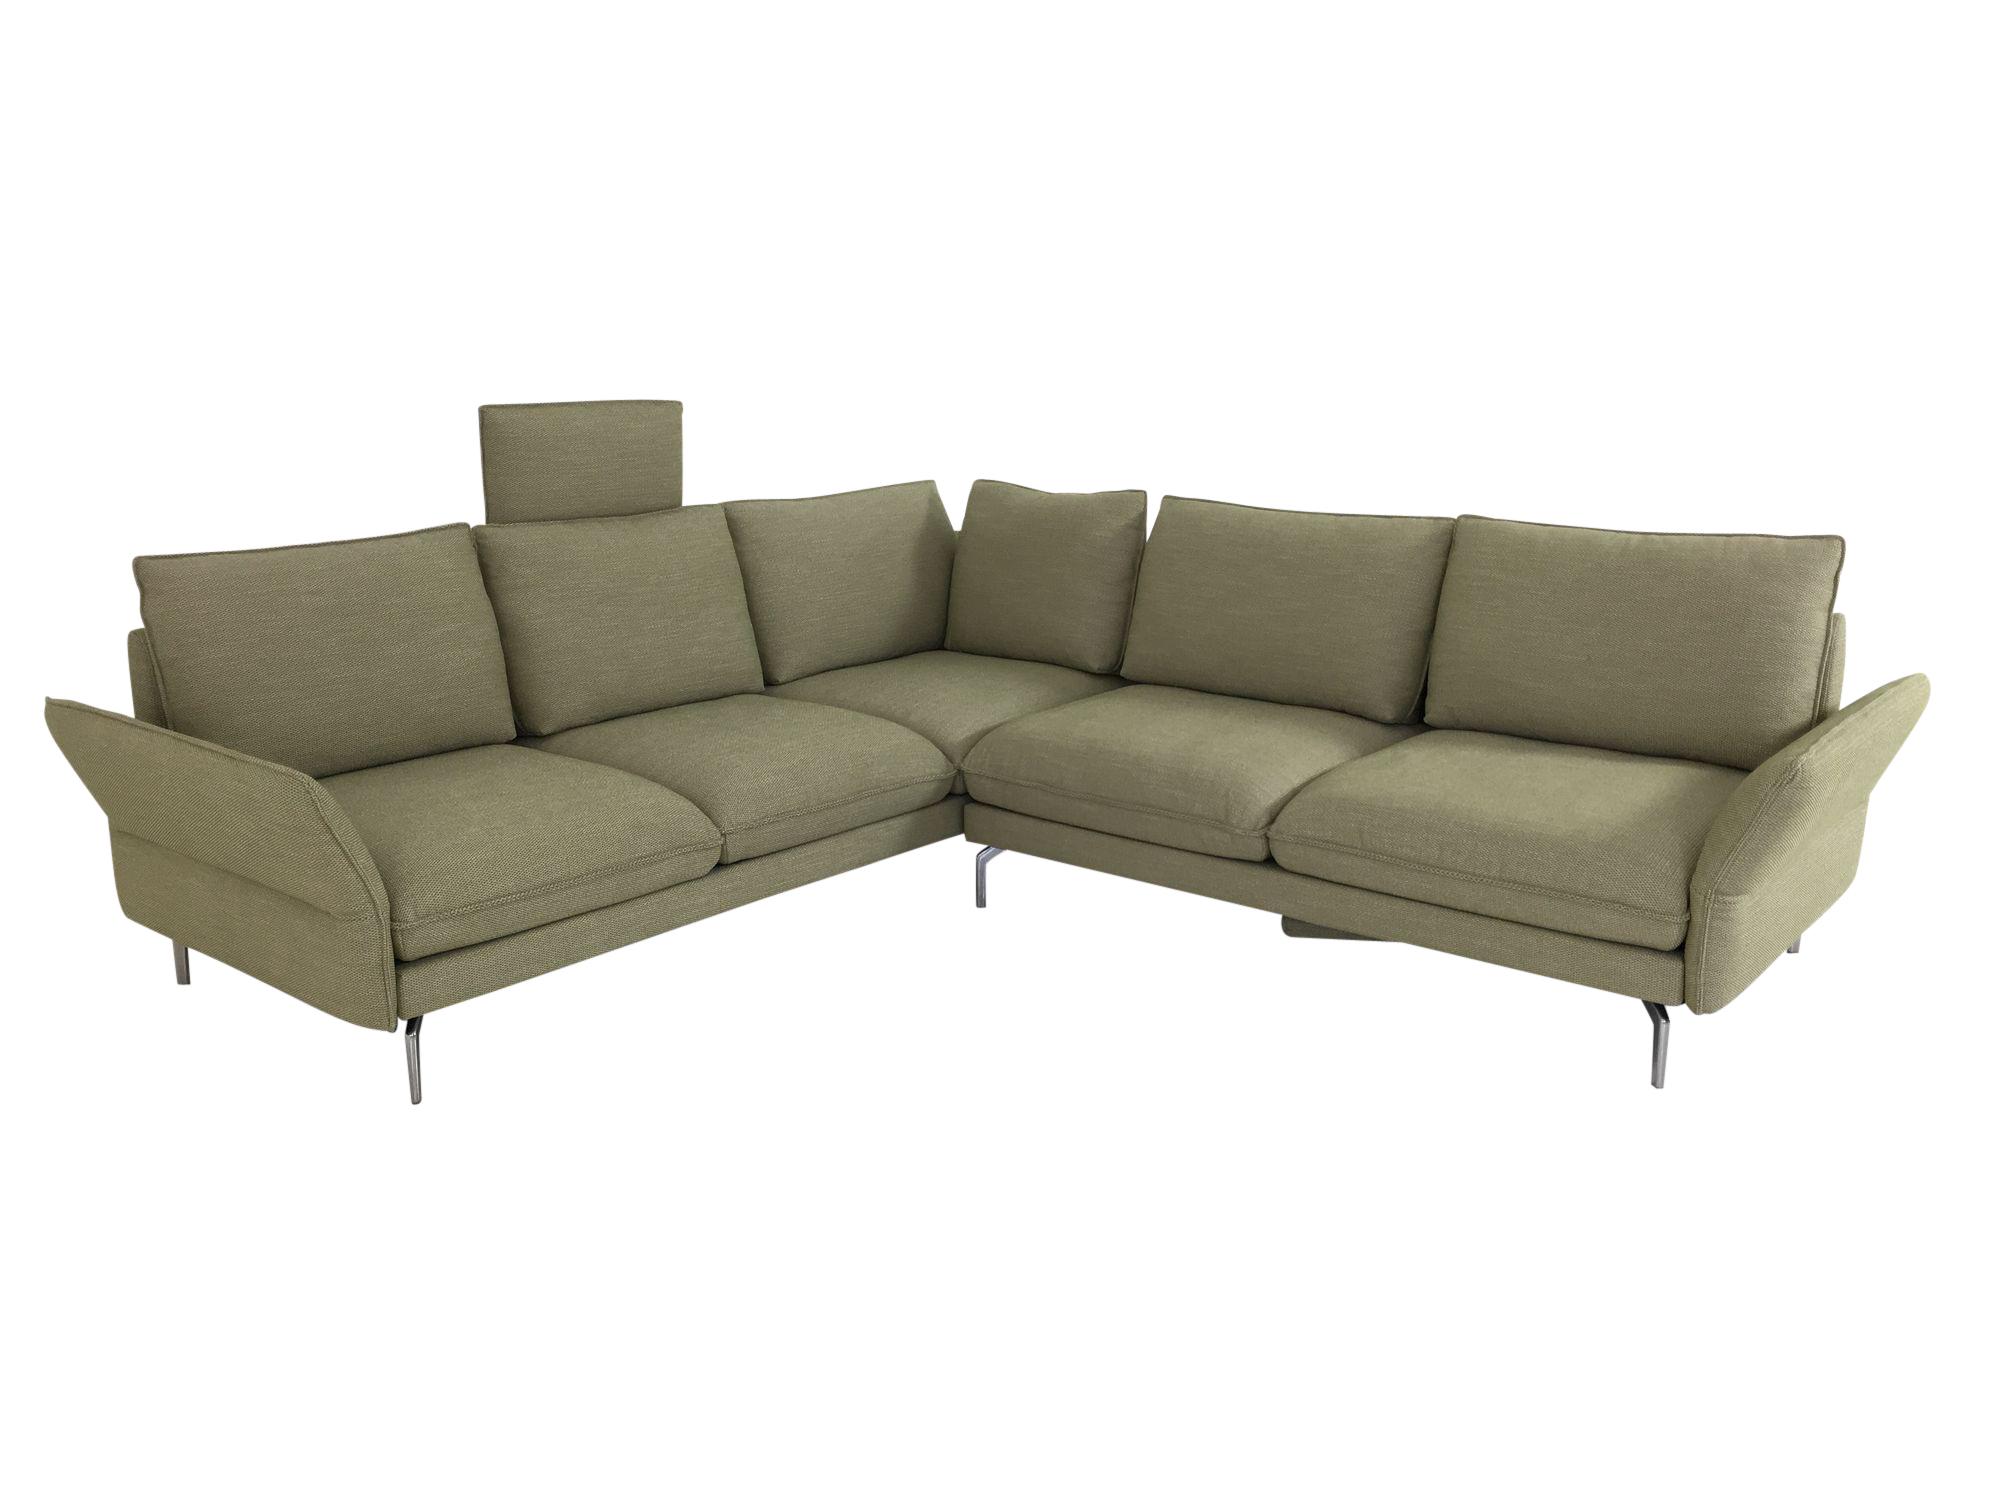 Hülsta Sofa hs 454 Ecksofa mit Seitenteil und Fußstützen Funktionen in Stoff Vivienne farngrün